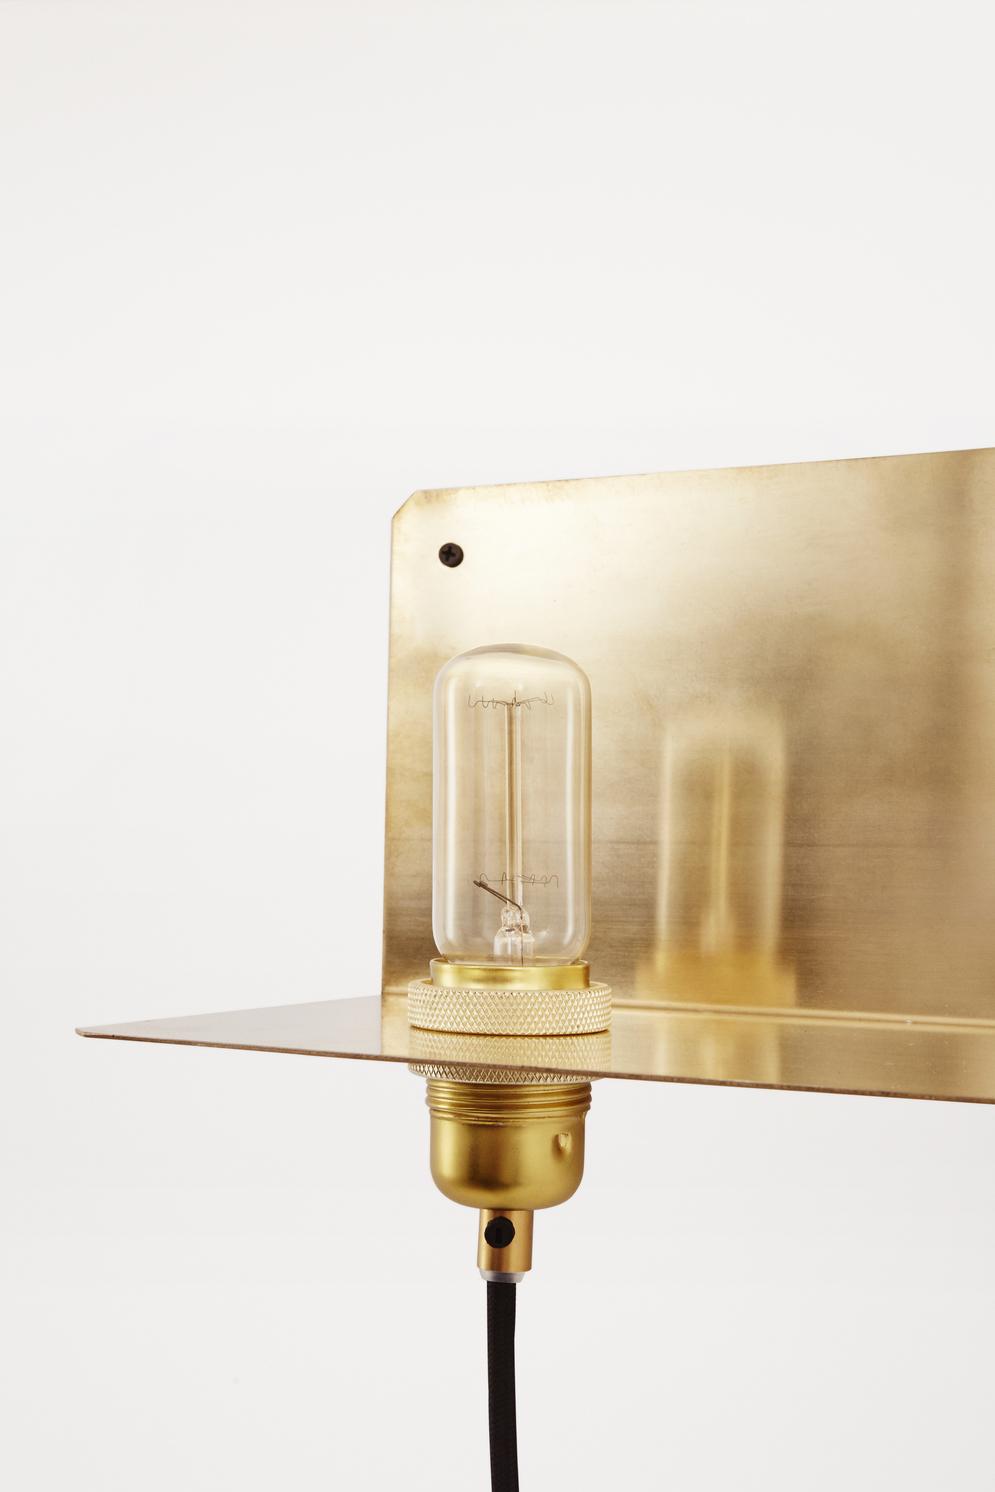 Frama 90 Wall Light Brass